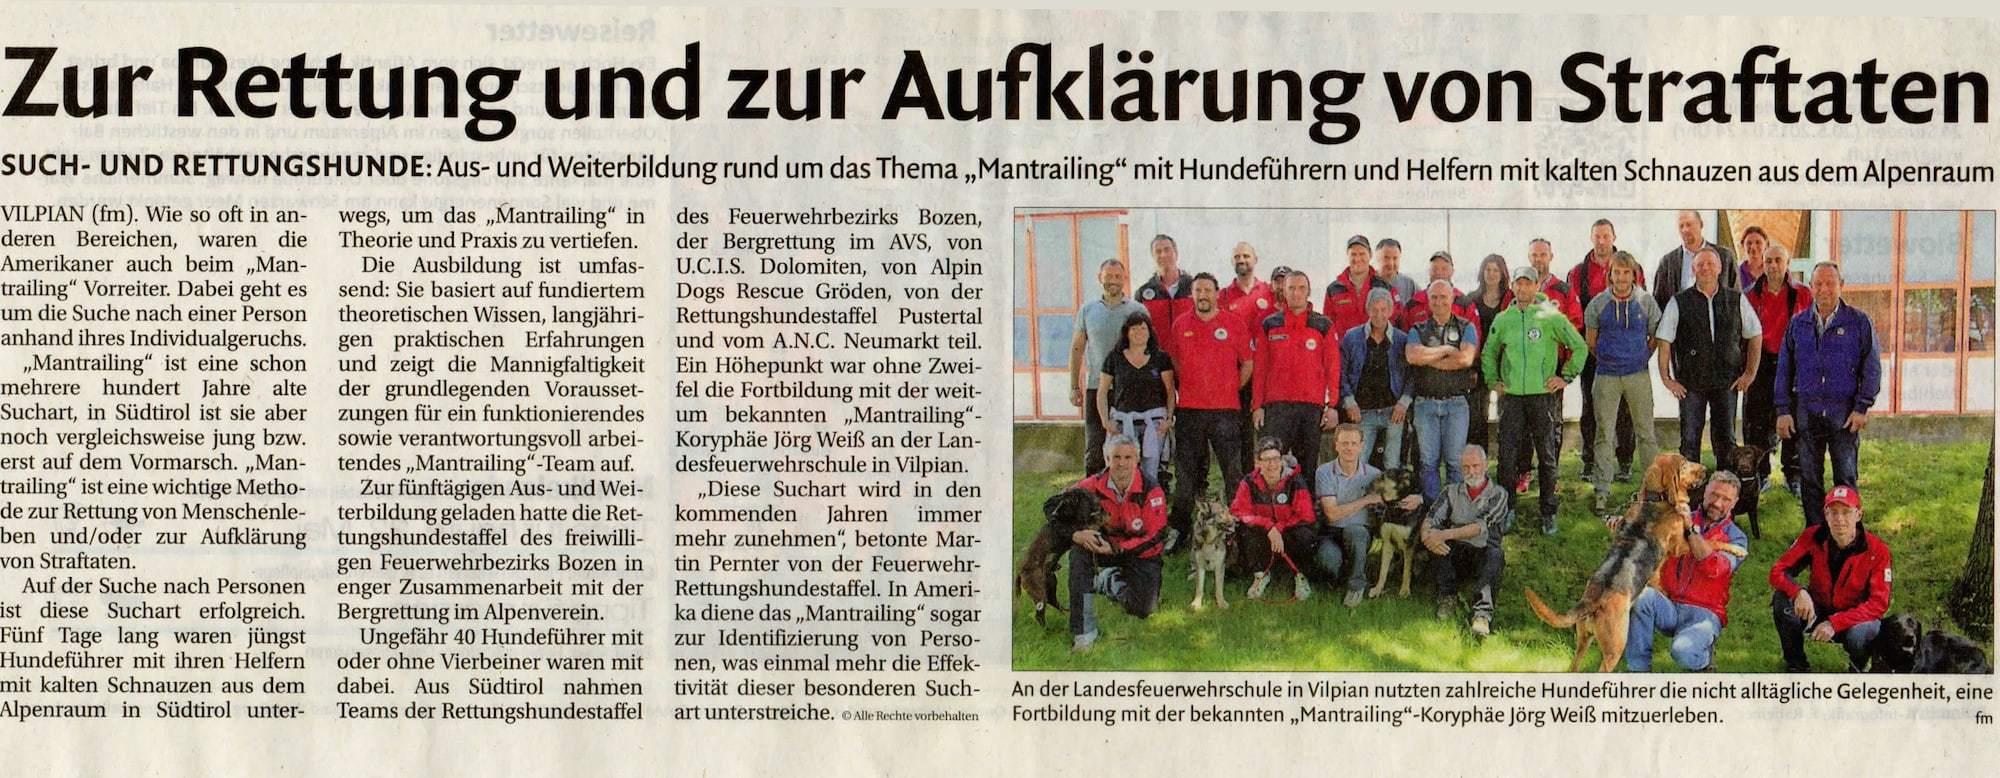 Informationsveranstaltung für Südtiroler Rettungskräfte-Zeitungsartikel